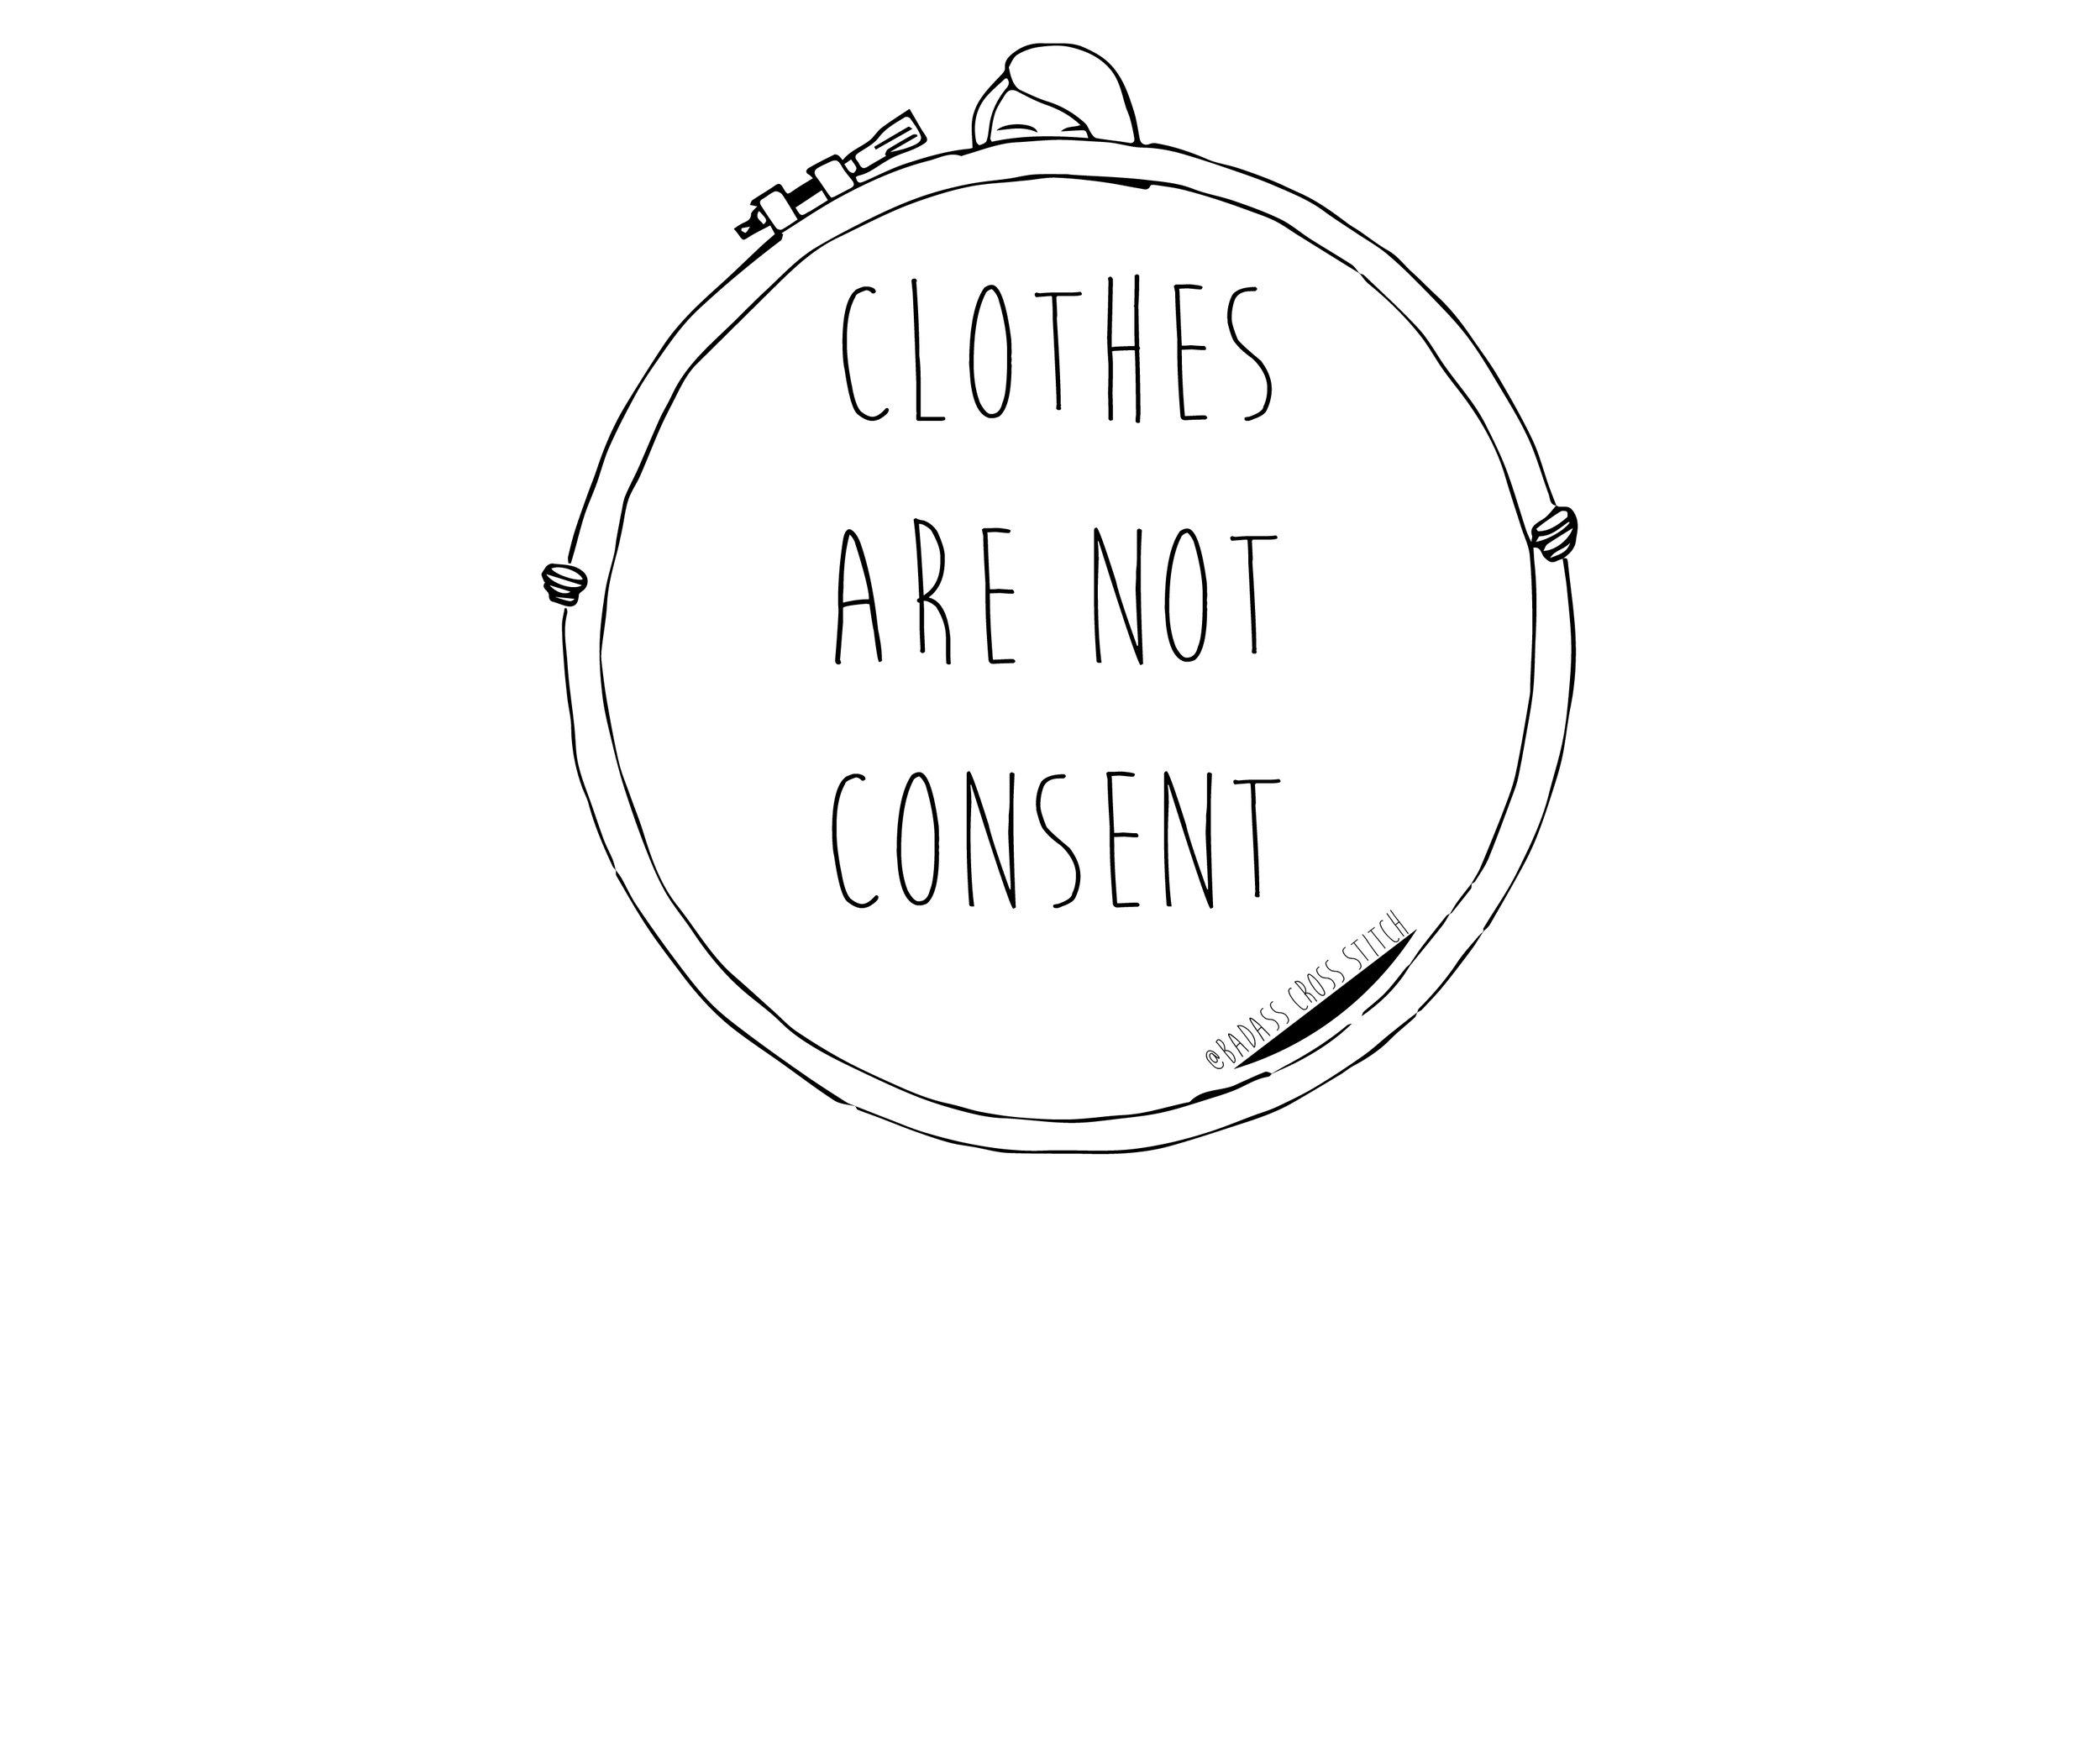 tinyshannonround-consent.jpg